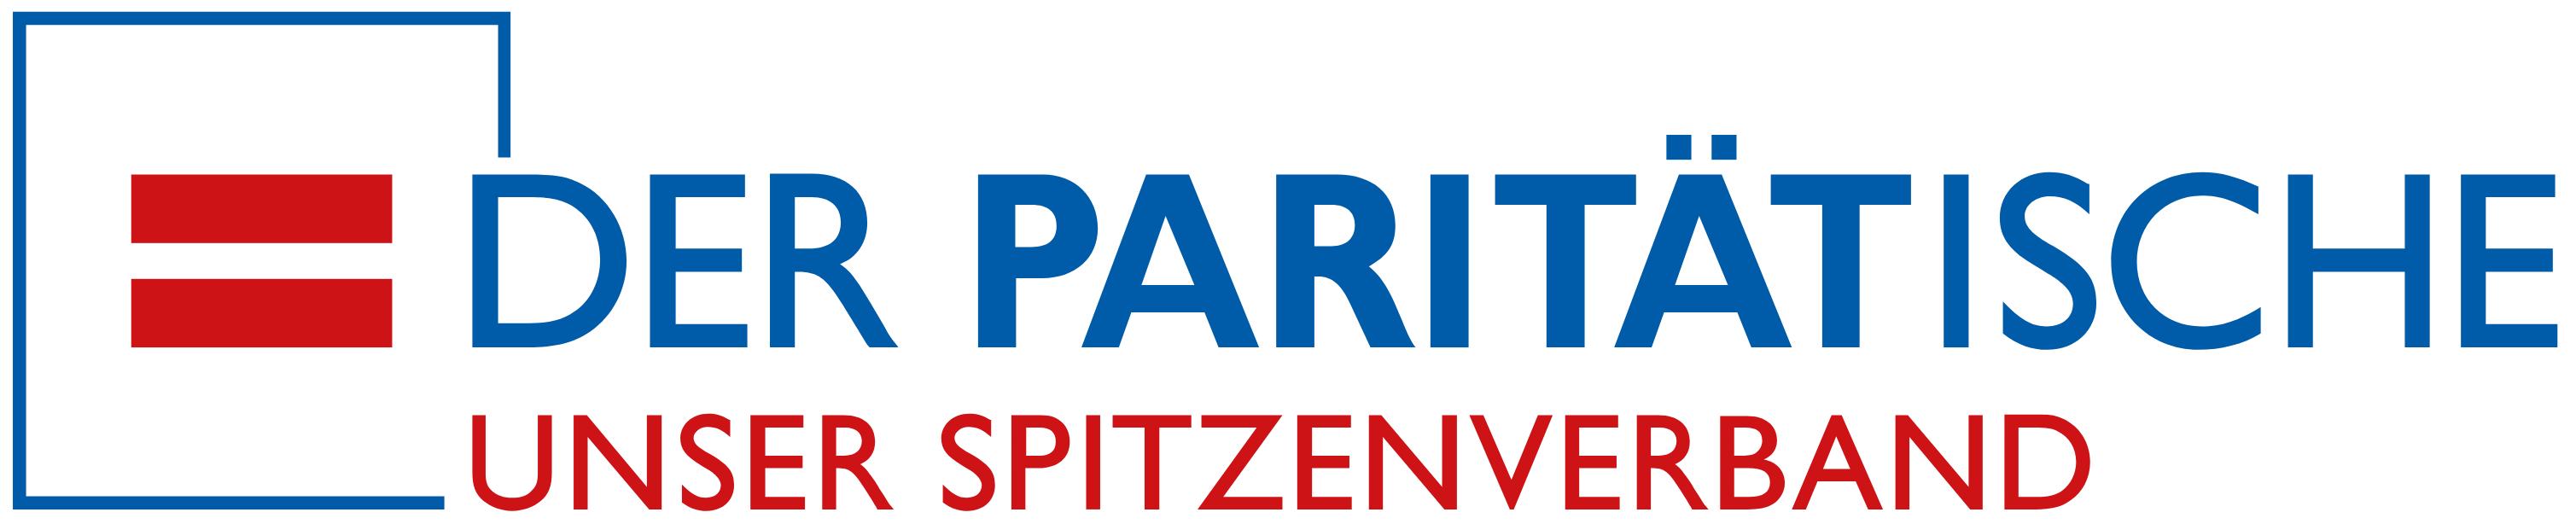 paritaetische_logo